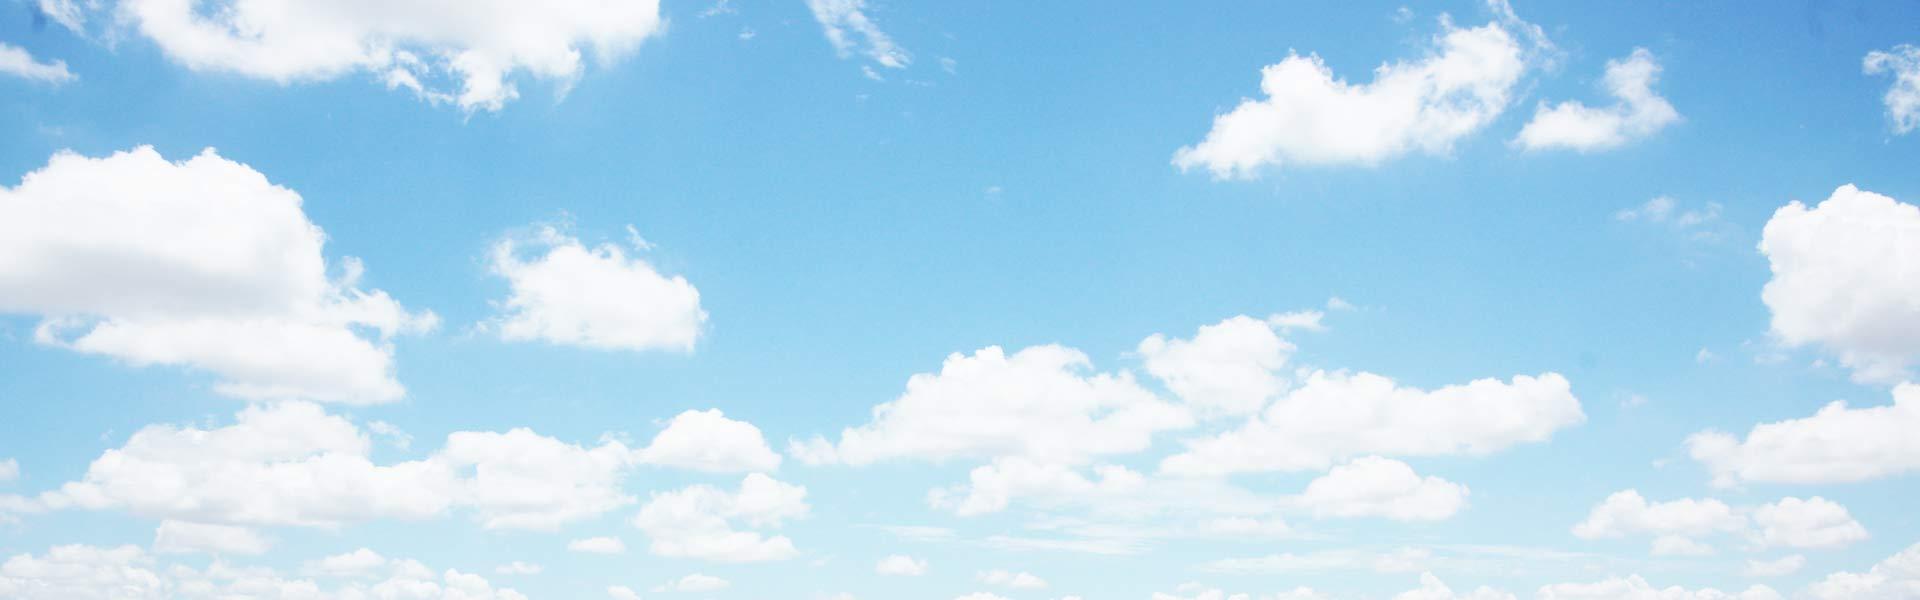 clouds-1920